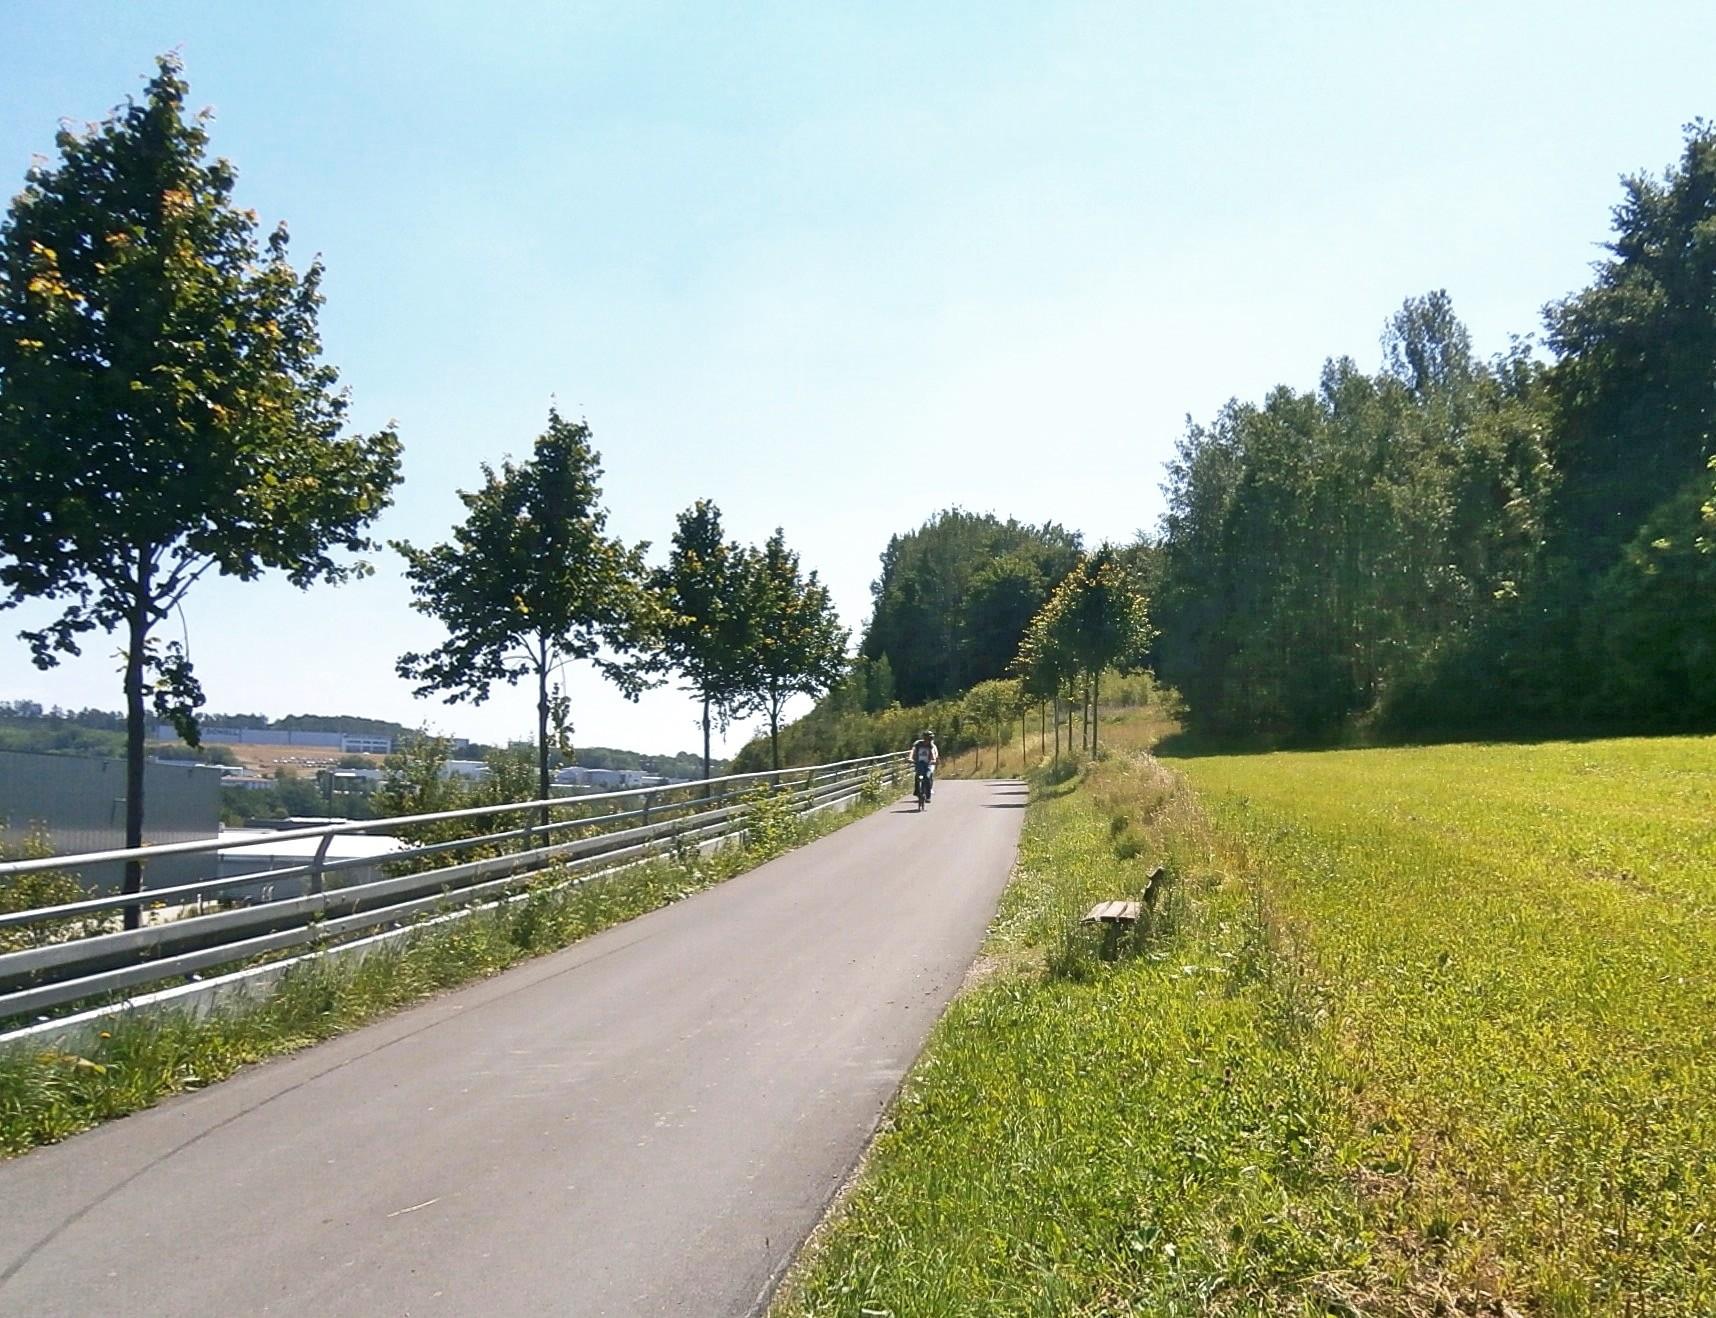 Ausbau des Radweges von Rüblinghausen nach Gerlingen